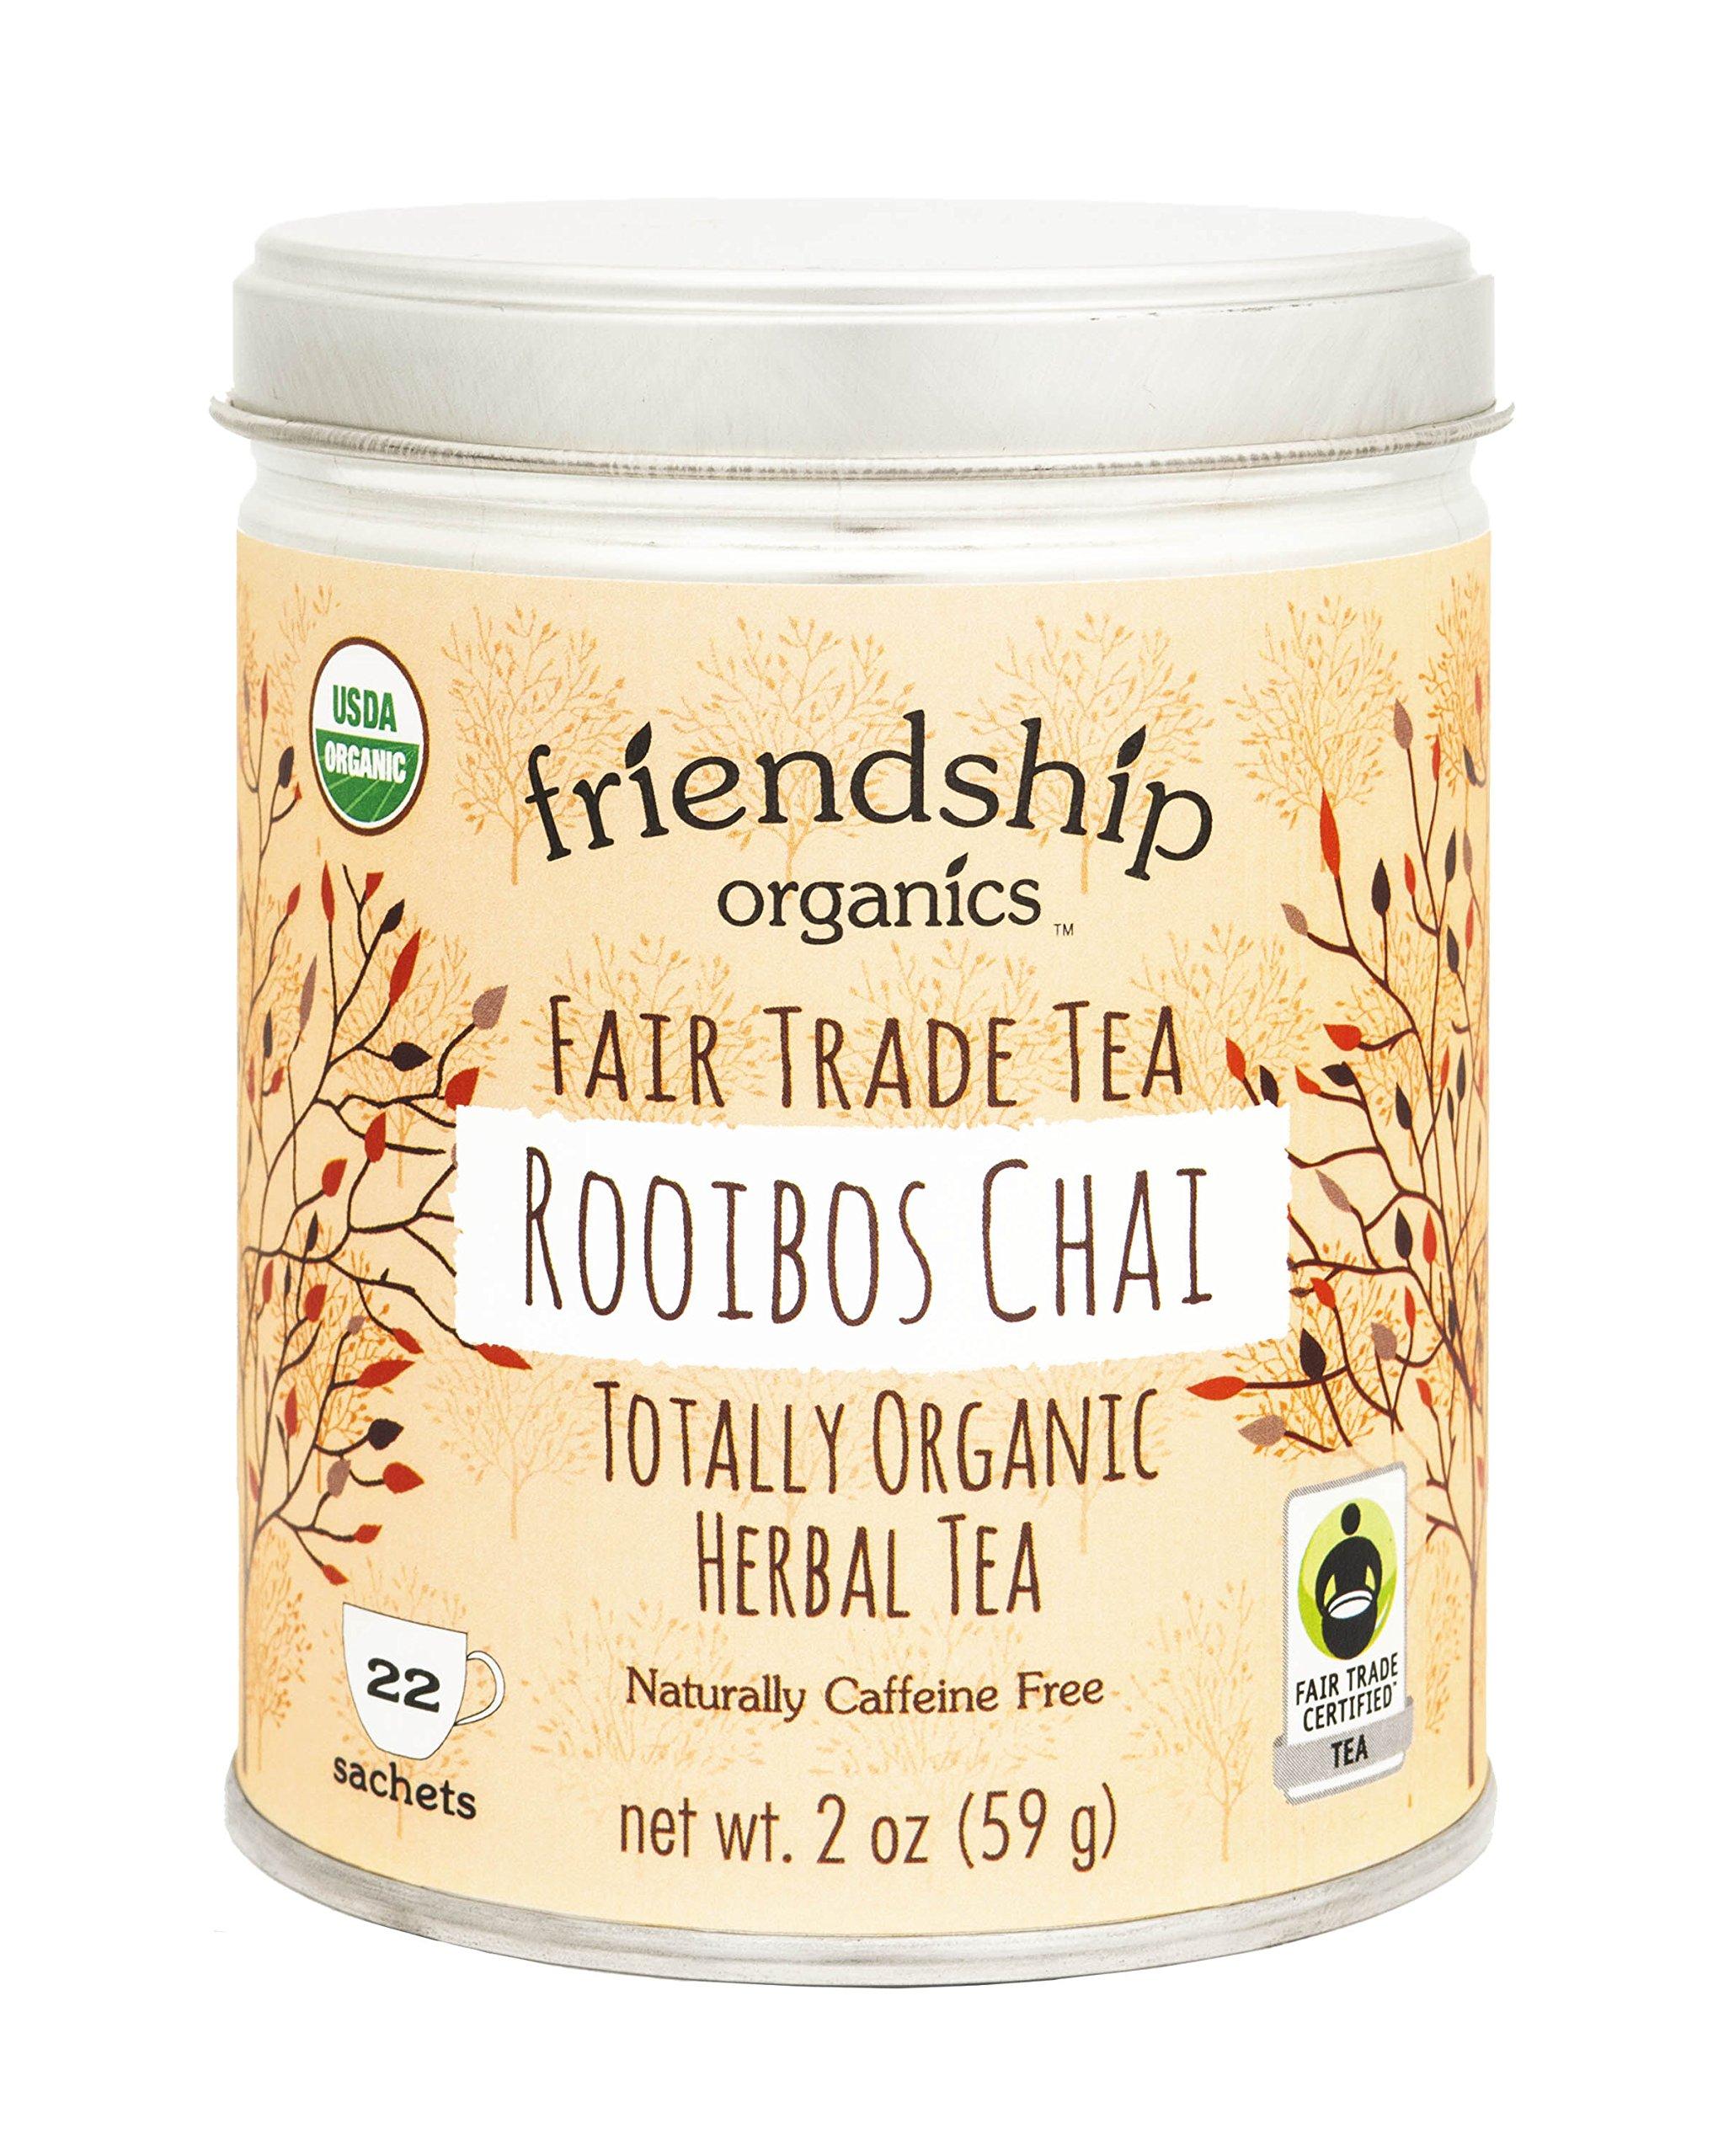 Friendship Organics Rooibos Chai, Totally Organic and Fair Trade Herbal Tea in Tagless Tea Bags (22 count) by Friendship Organics